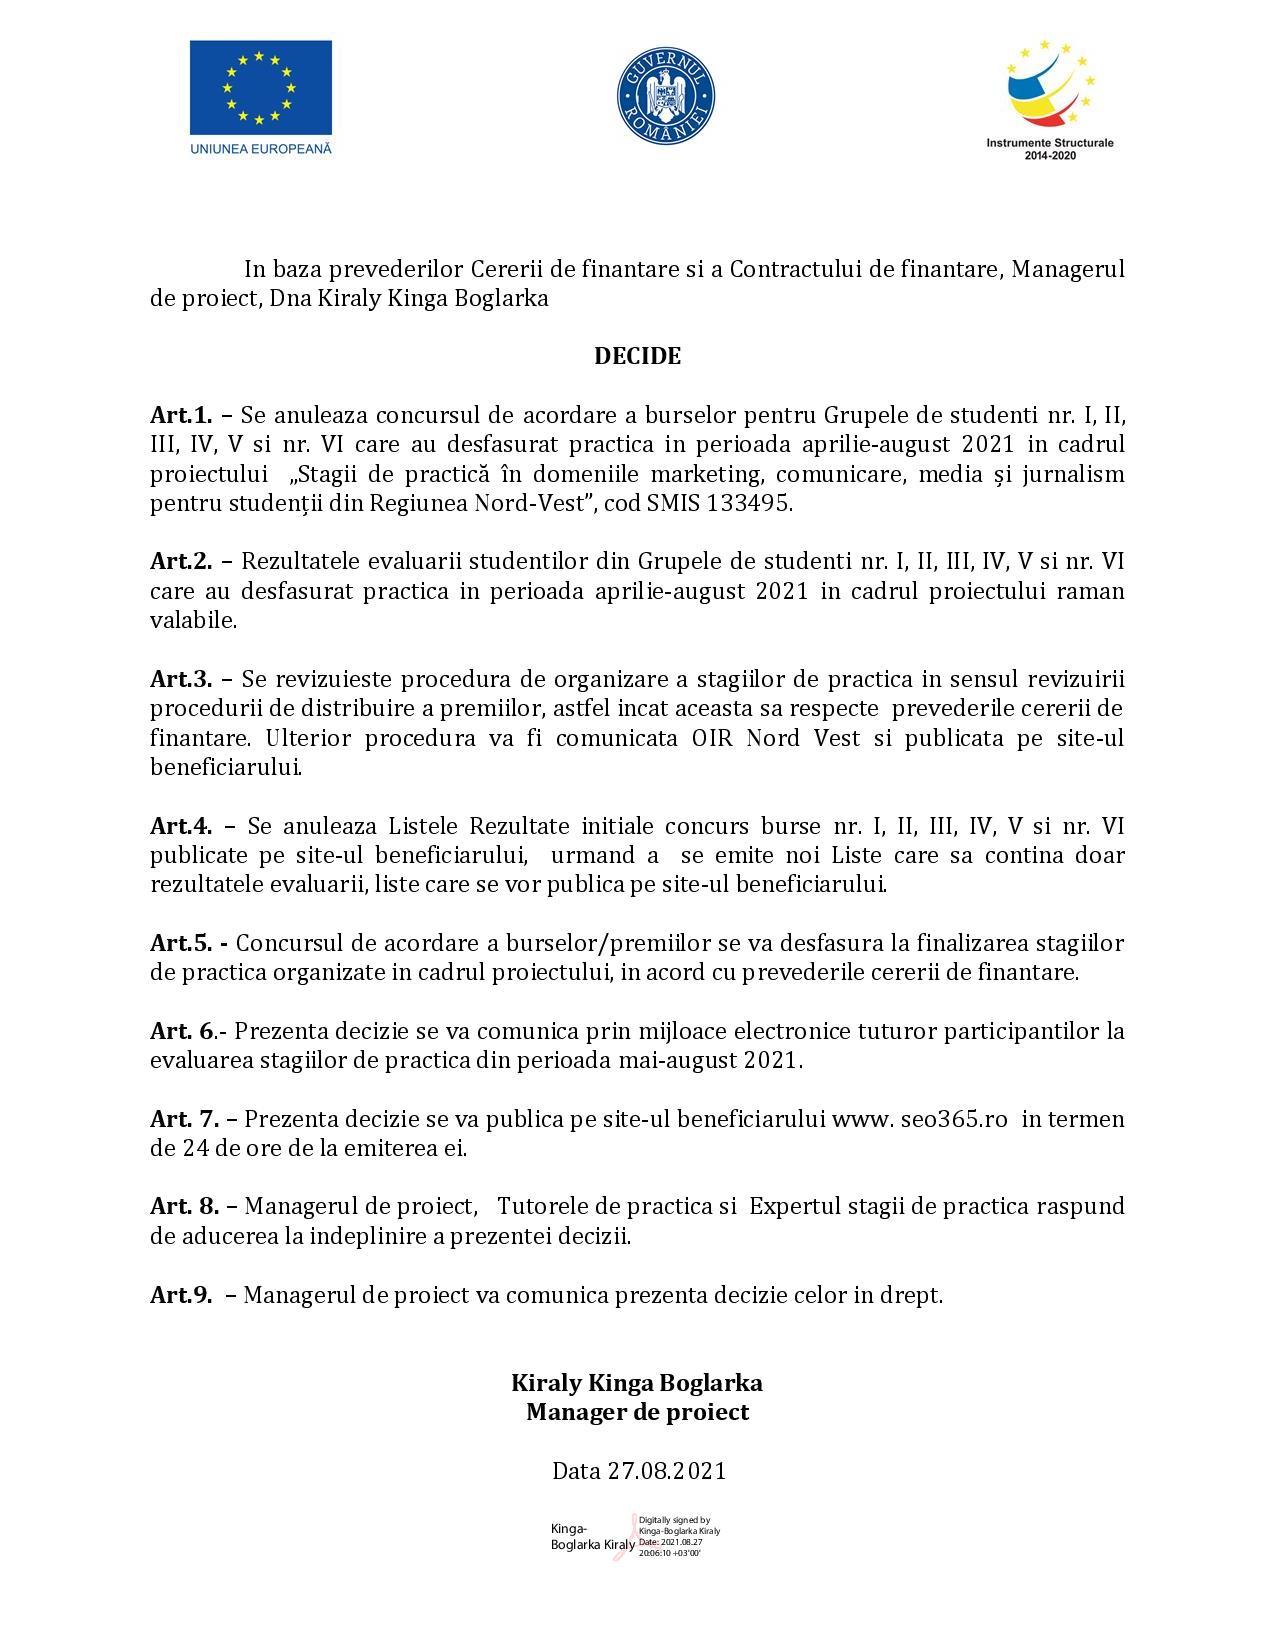 COMITNET_ Decizie anulare concurs-page-002